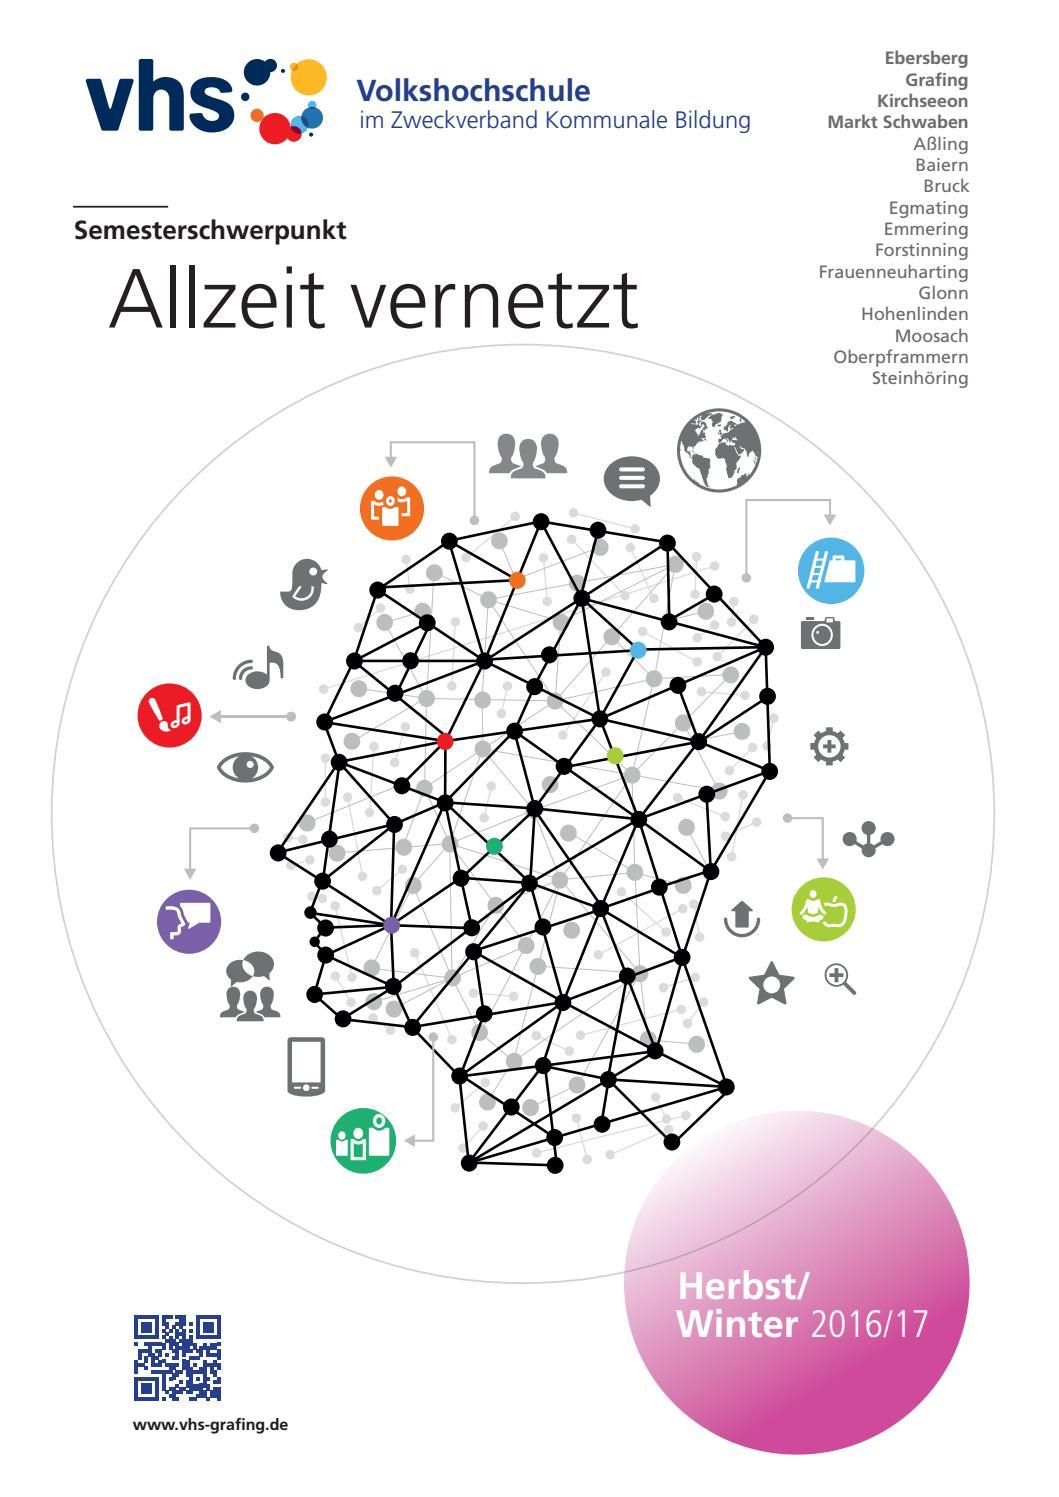 programm herbst/winter 2013/14volkshochschule reutlingen - issuu